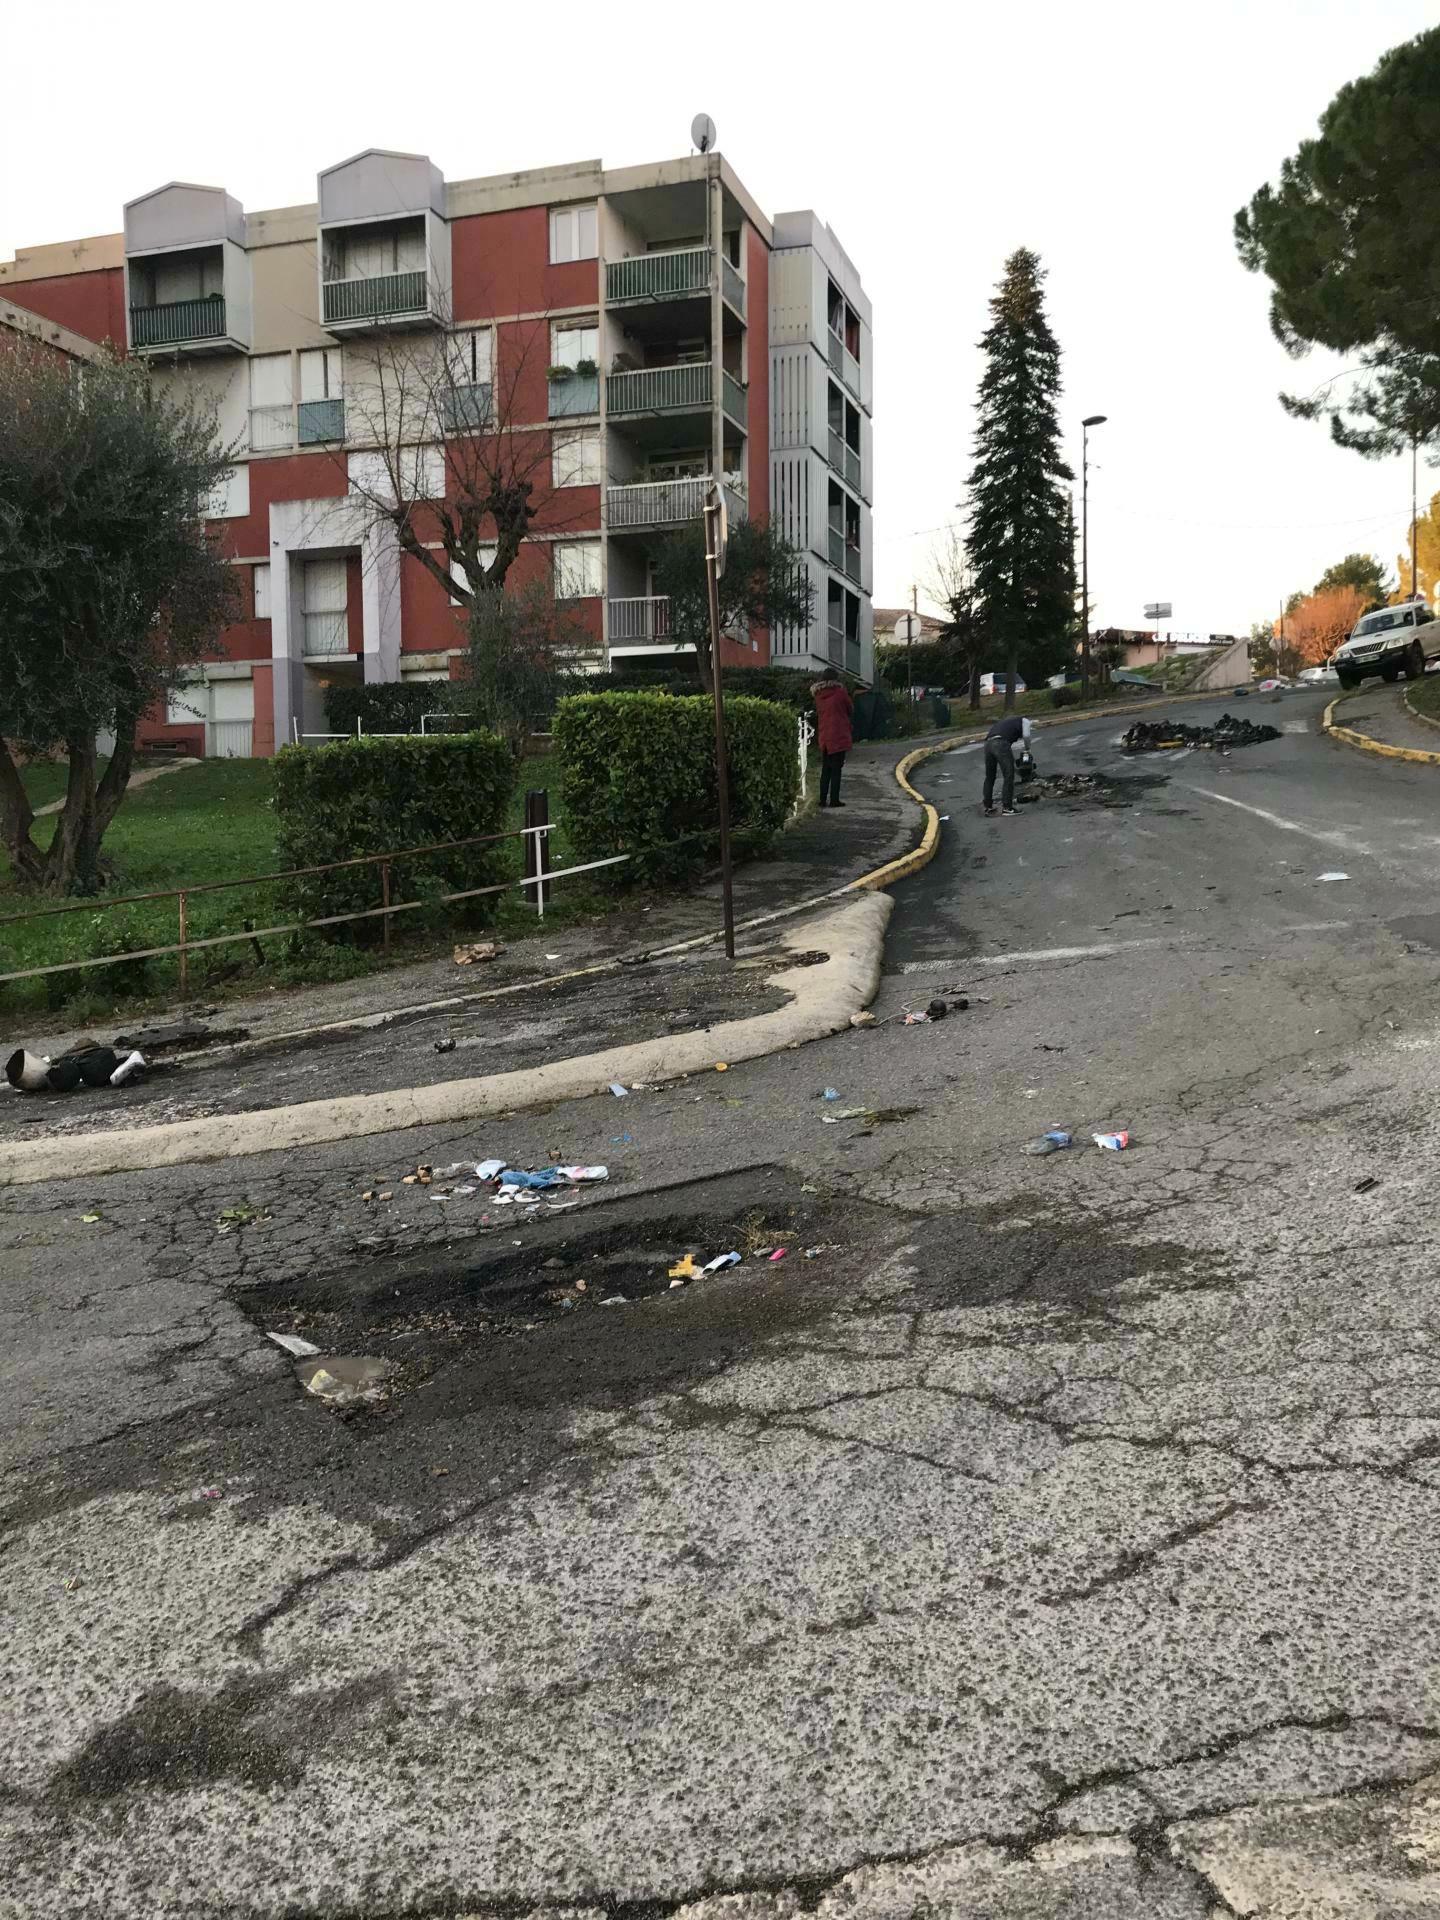 L'accident dans la nuit de vendredi à samedi 21 décembre est à l'origine des incidents survenus aux Fleurs de Grasse, lundi dernier. Ils ont occasionné 28 000 euros de dégâts matériels.